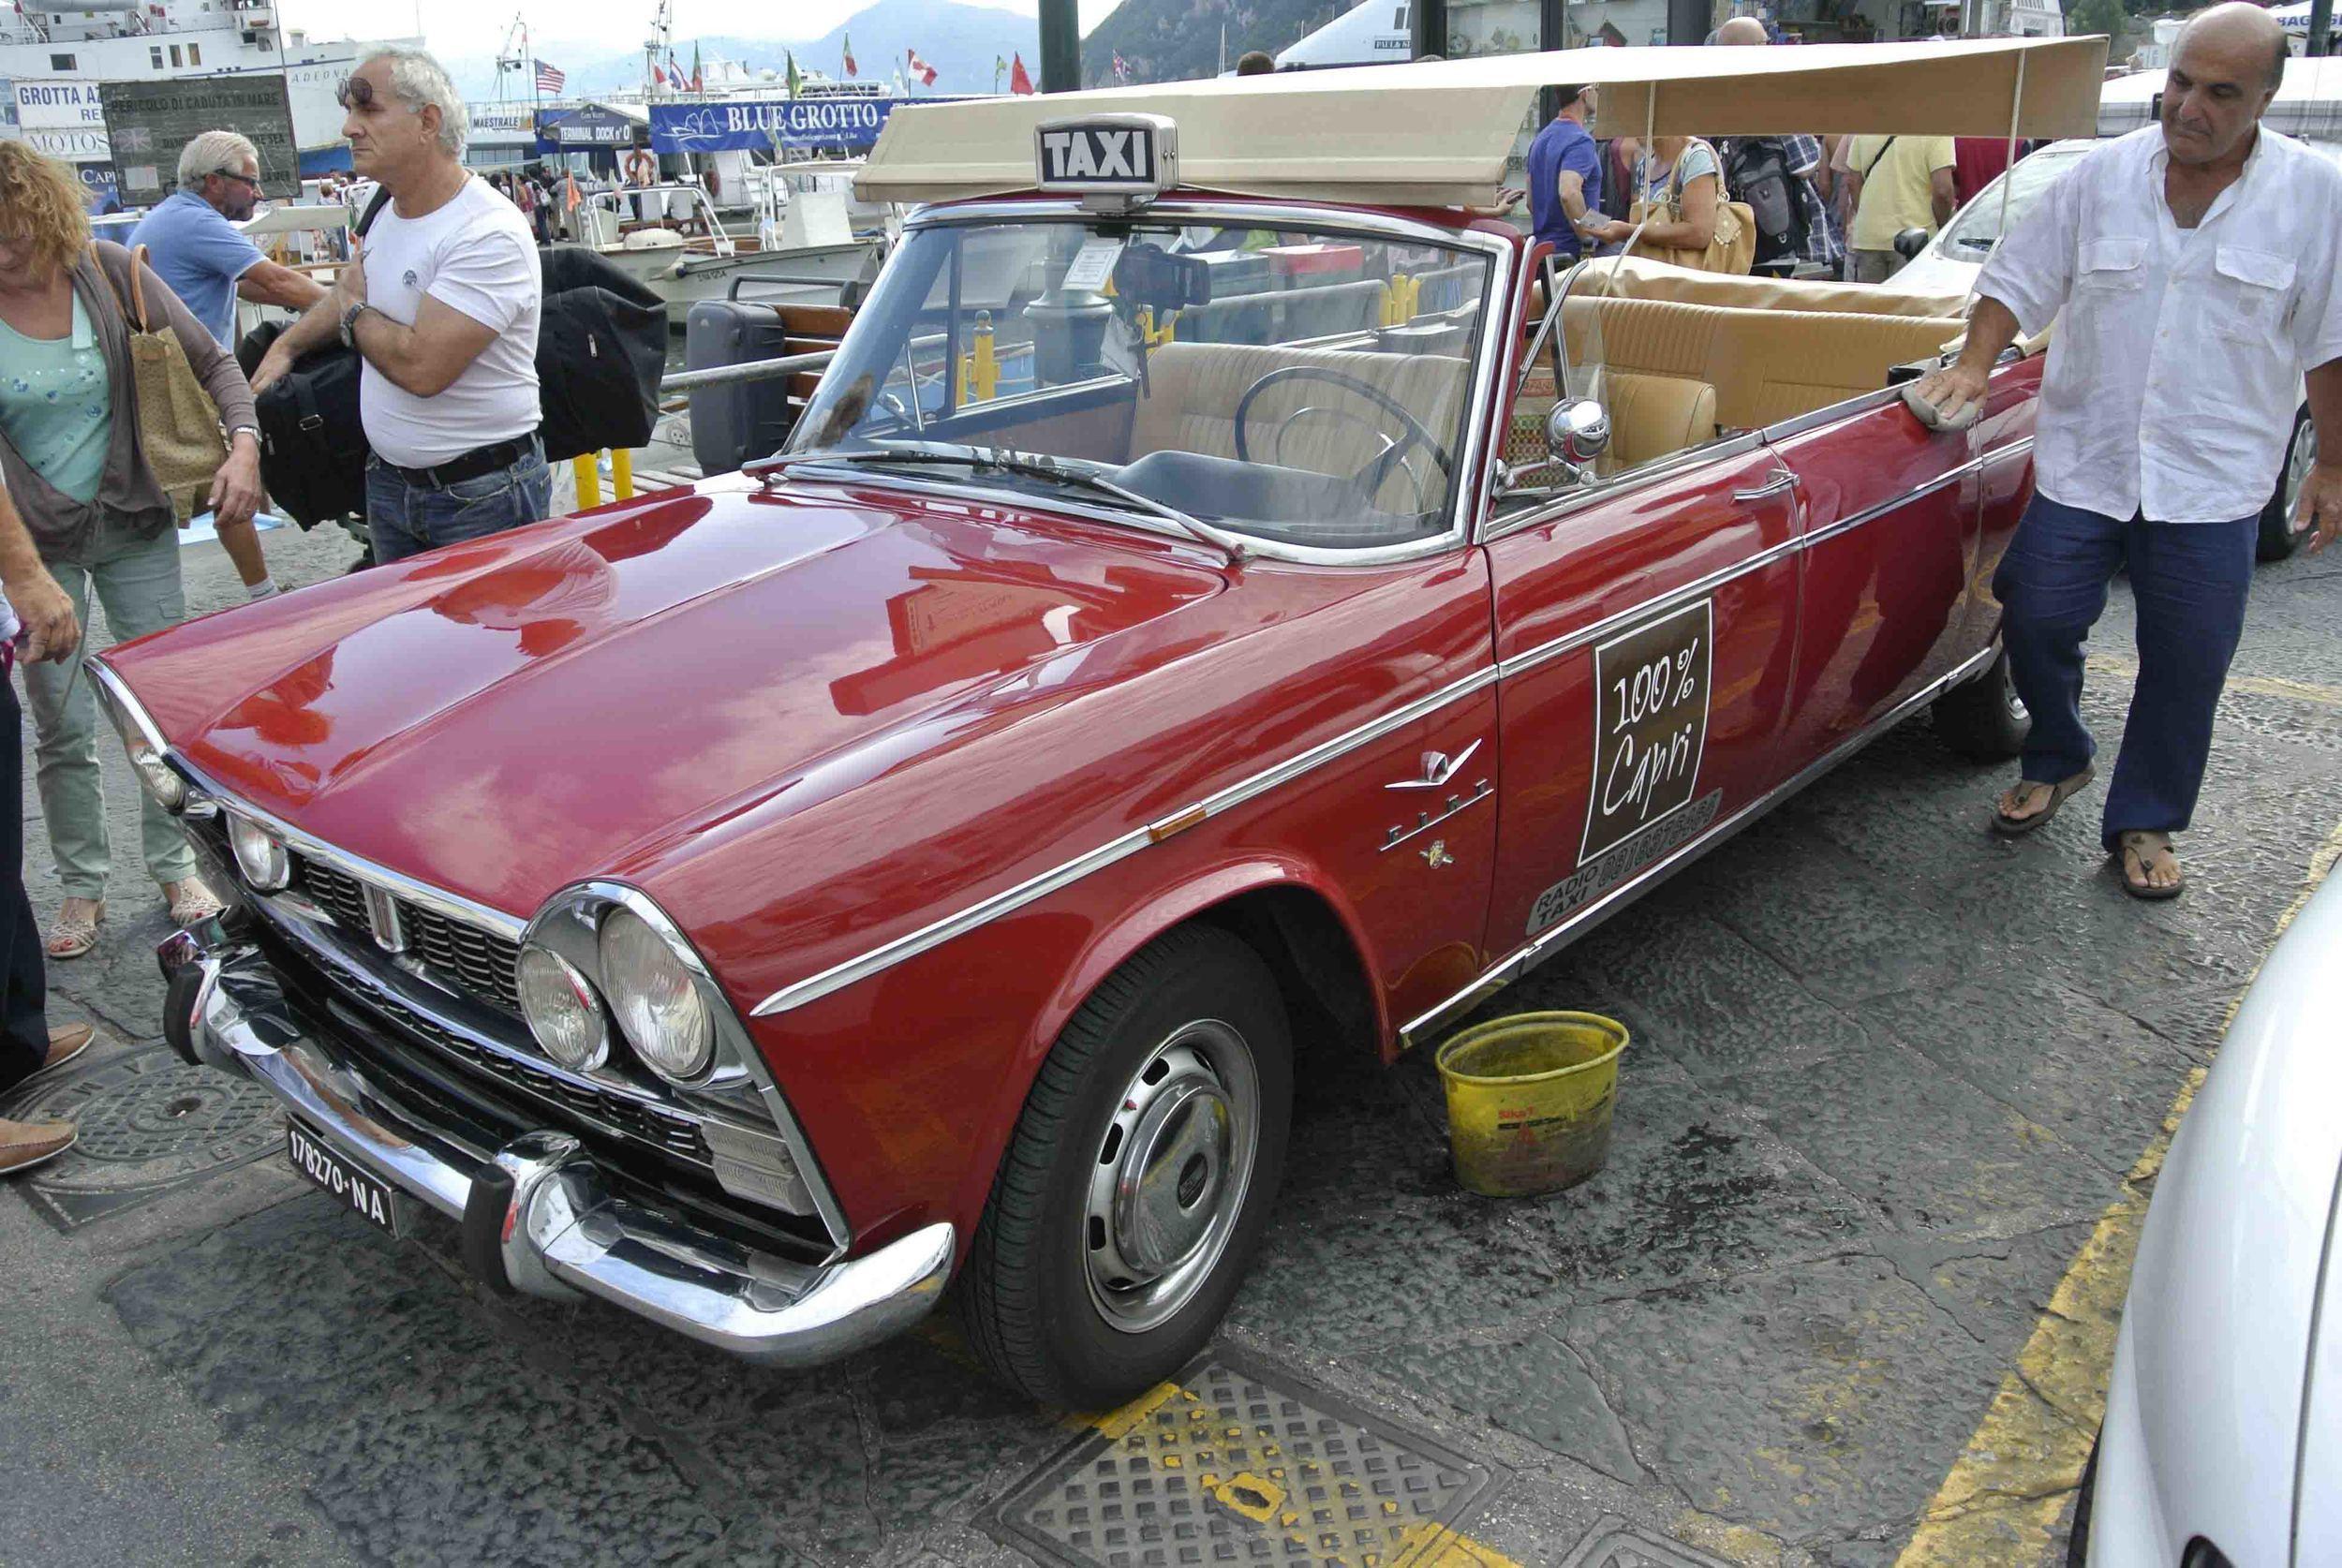 FIAT open-air limousine in Capri, Italy